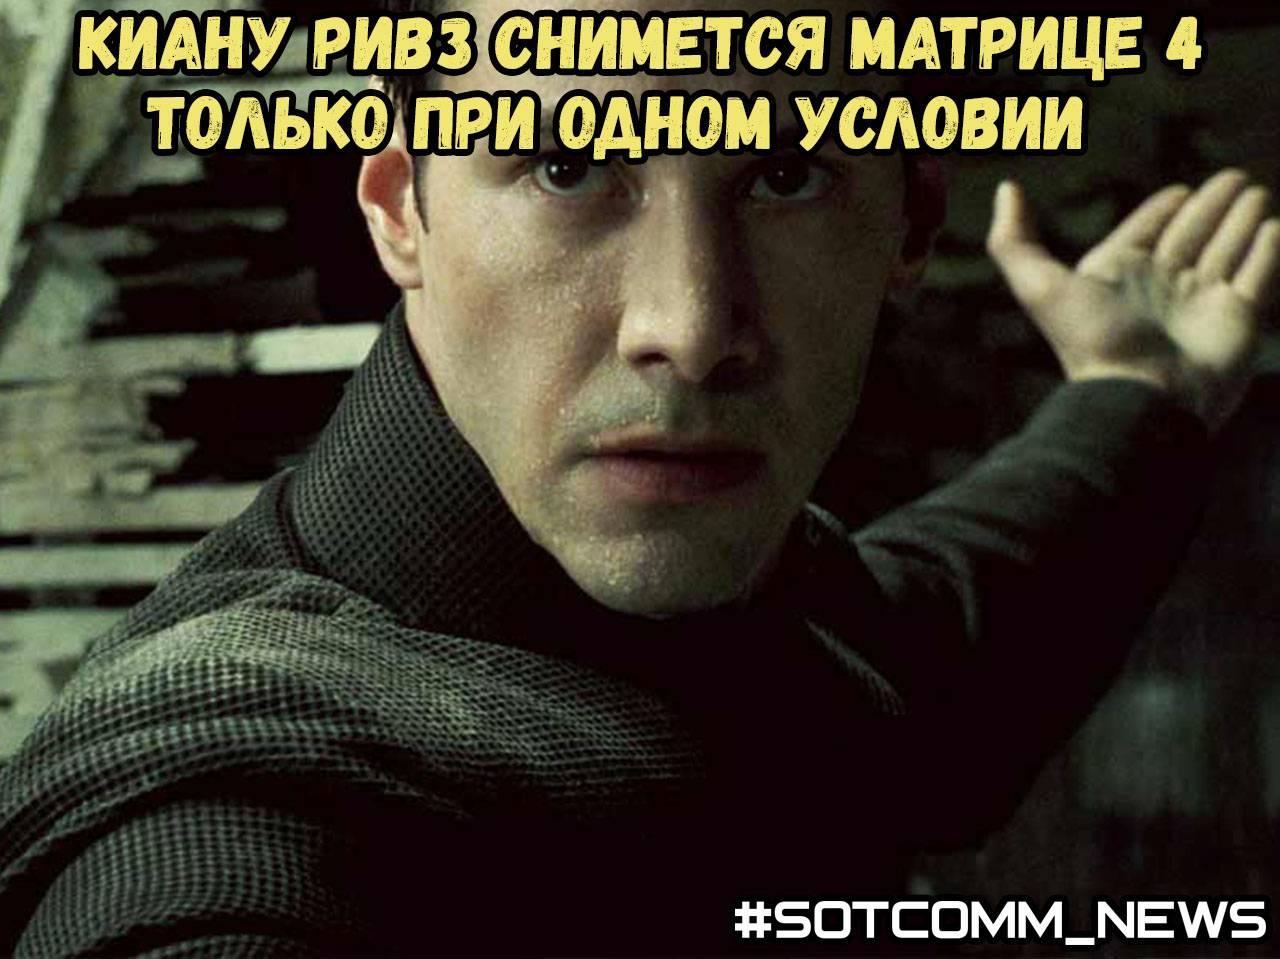 Киану Ривз согласен сниматься в фильме Матрица 4, только при одном условии